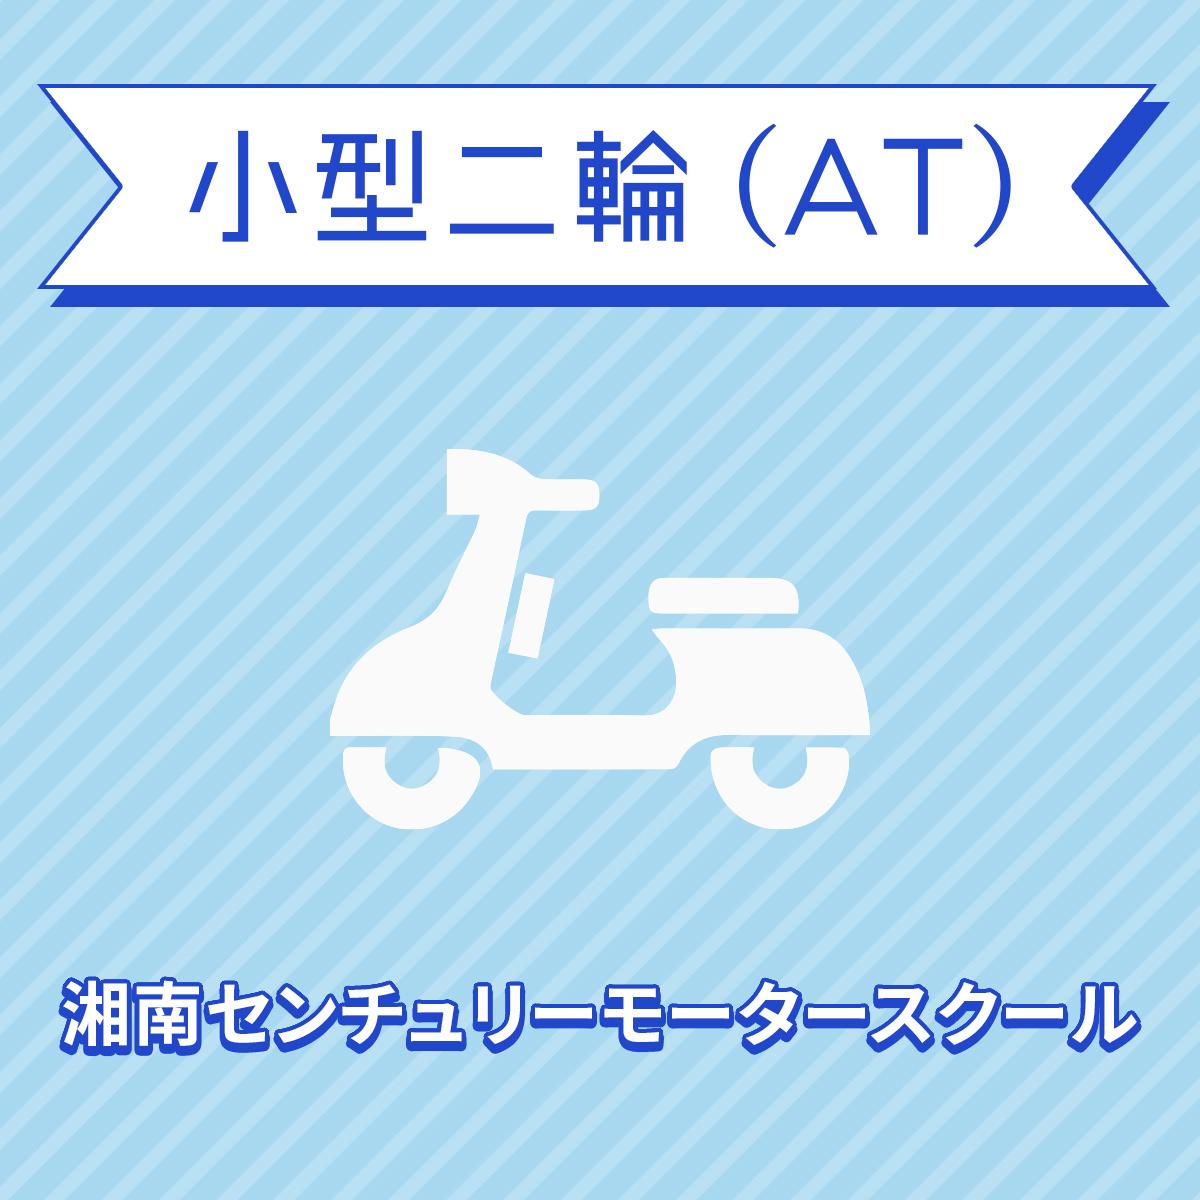 【神奈川県藤沢市】小型二輪ATコース<普通免許所持対象>